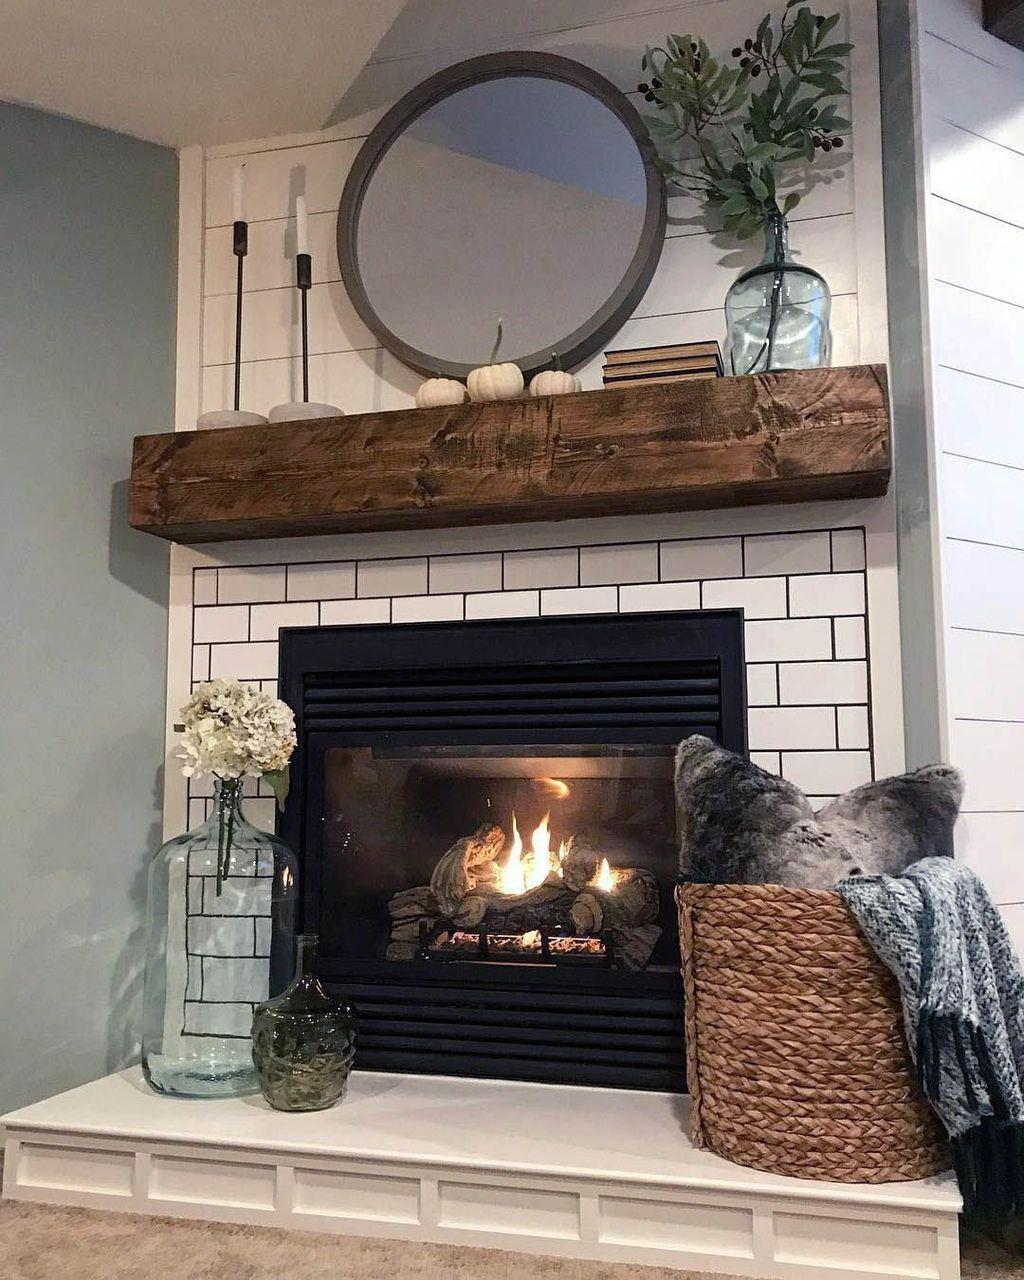 32 Popular Modern Farmhouse Fireplace Ideas Trend 2020 Farmhouse Fireplace Decor Corner Fireplace Decor Rustic Farmhouse Fireplace